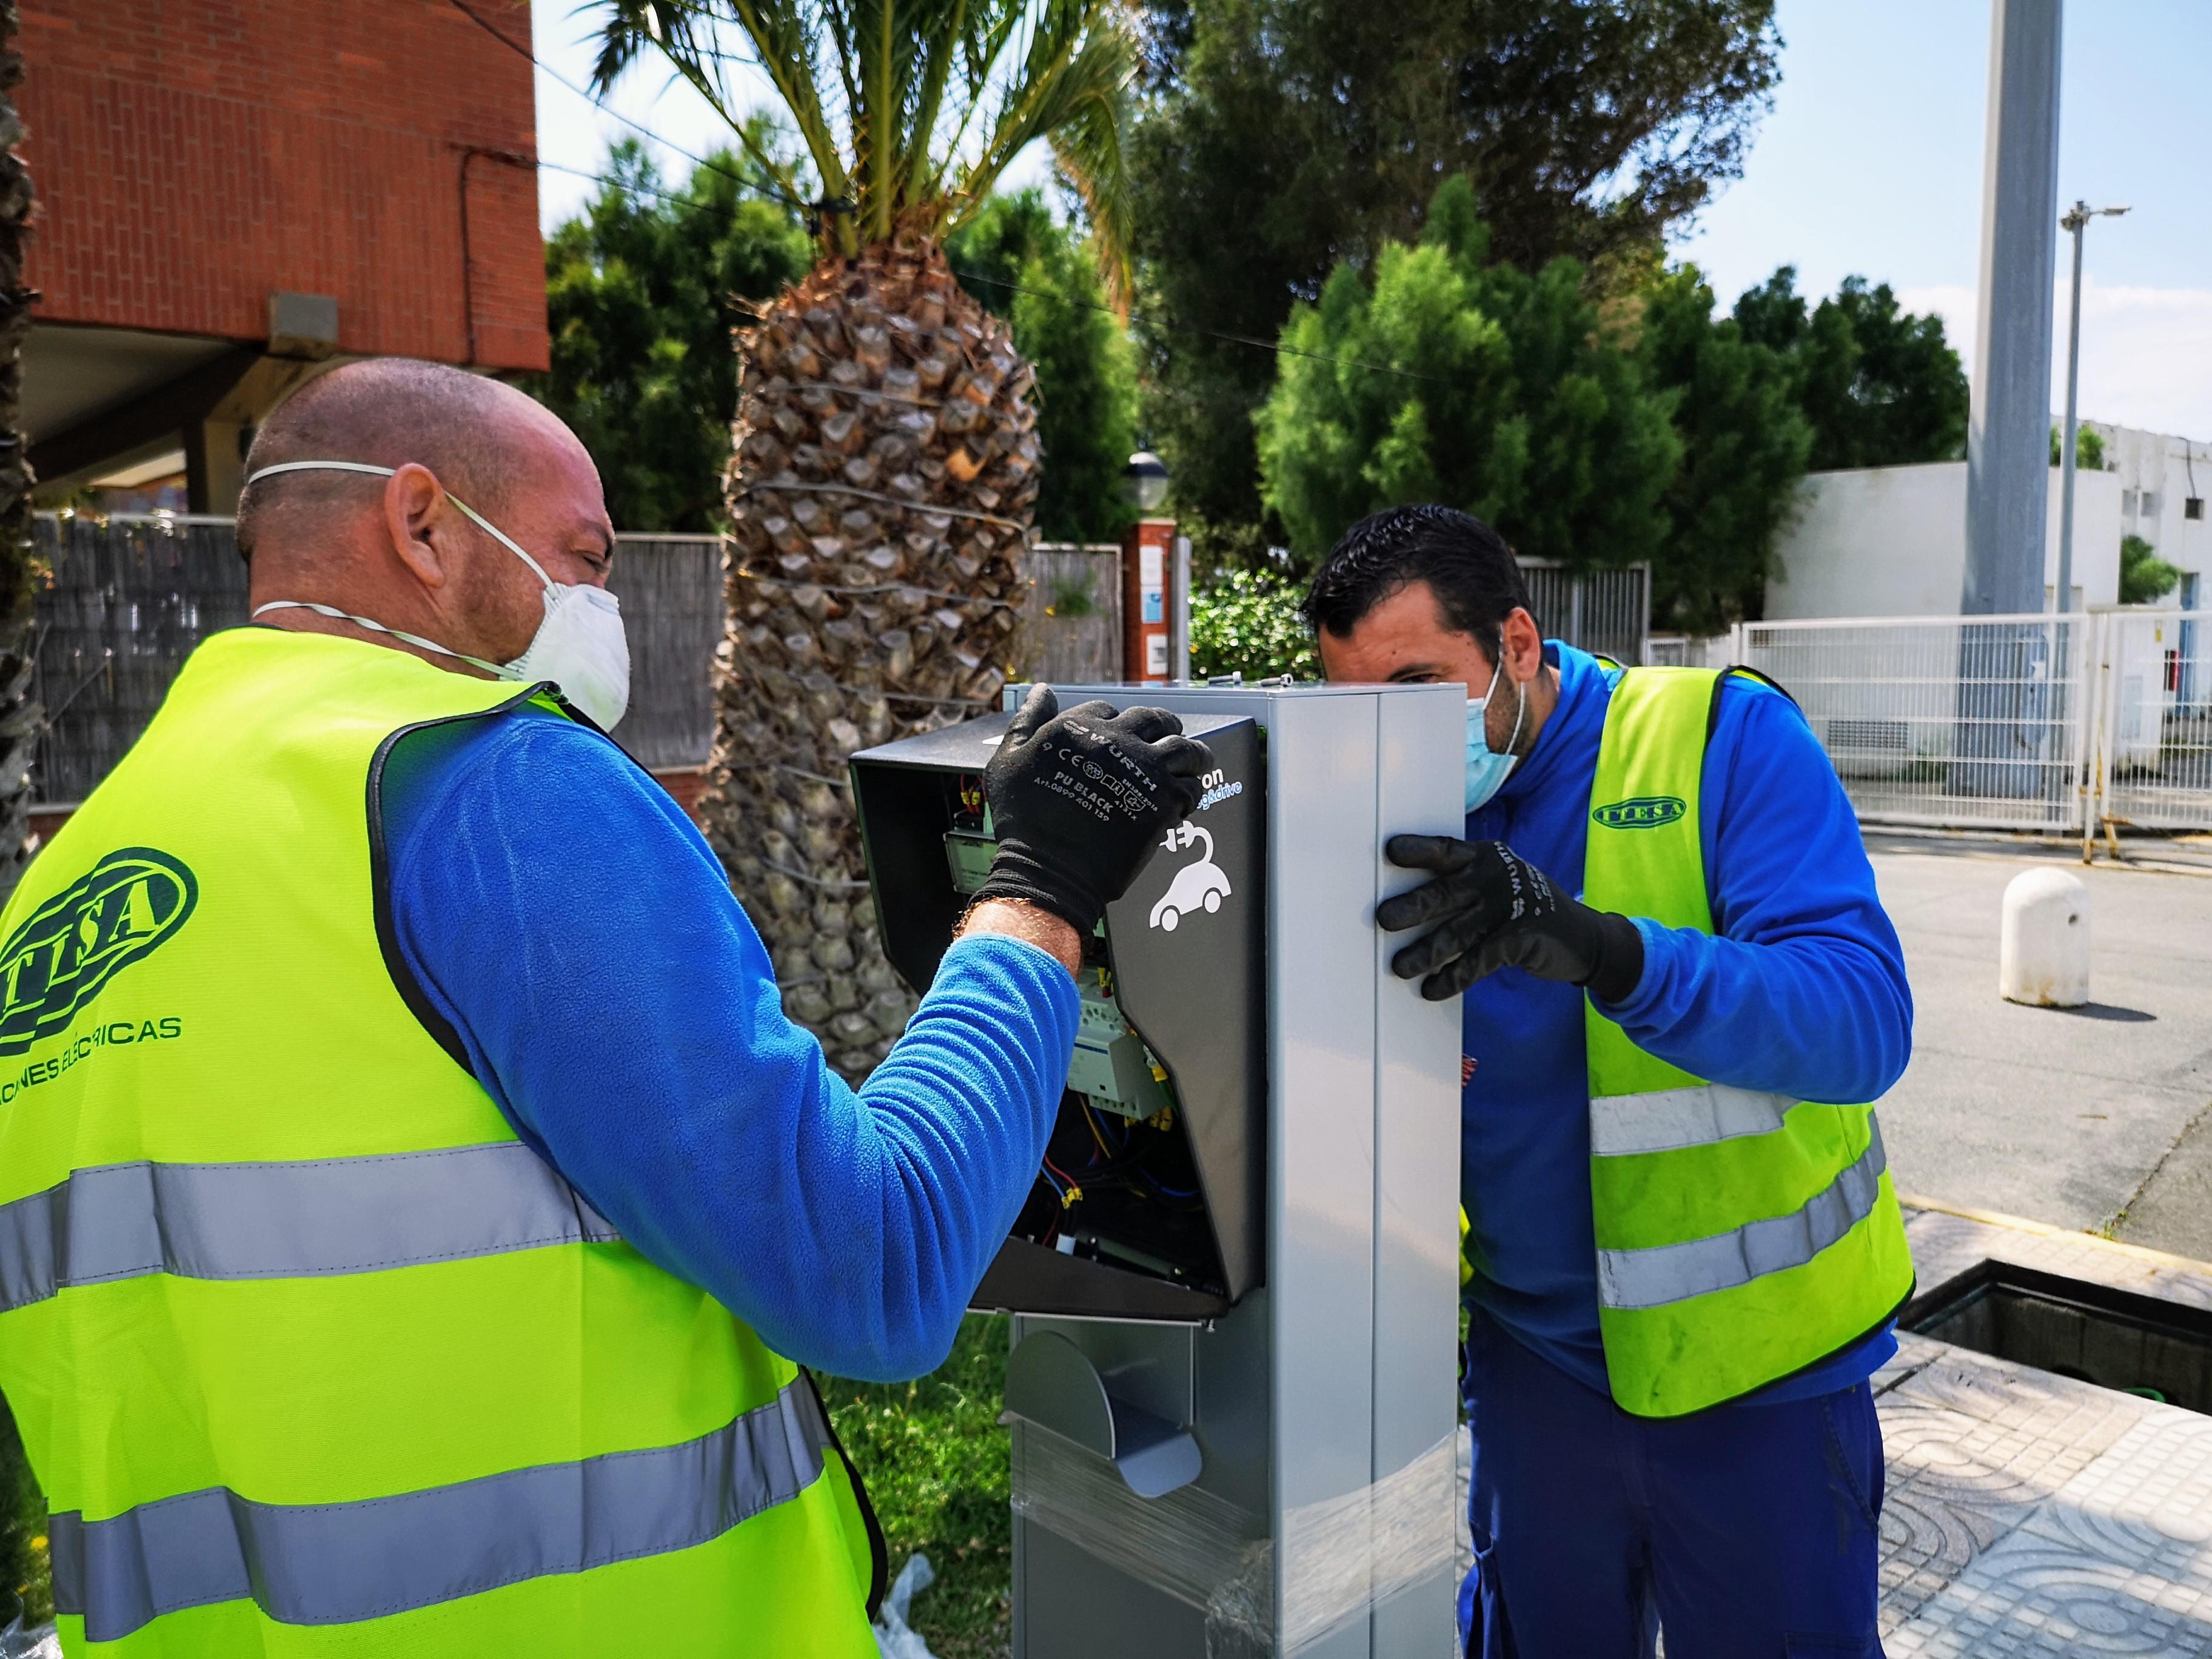 La Autoridad Portuaria de Almería instala 14 puntos de recarga para vehículos eléctricos en los puertos